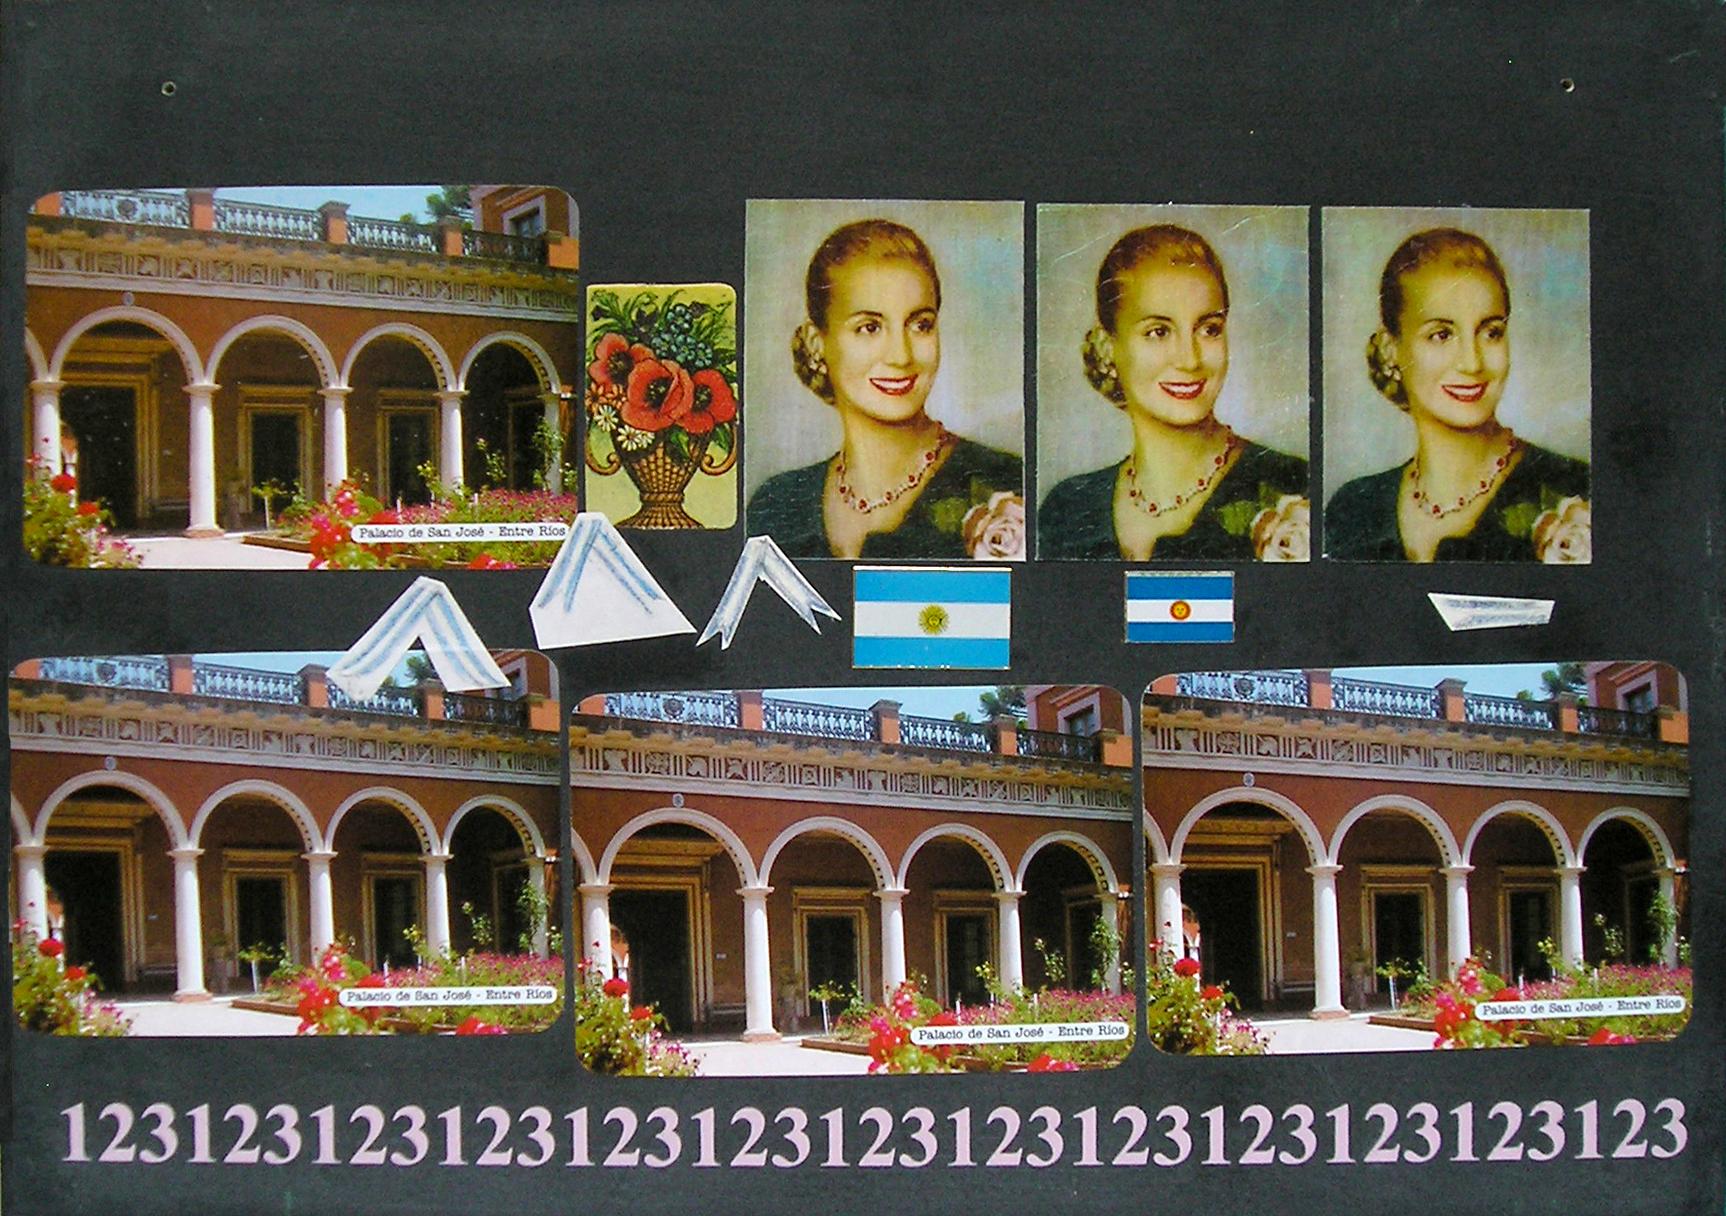 Evita Maestra recorre el país, Palacio San José, Entre Ríos ; serie, técnica mixta sobre pizarrón; 21 x 30 cm, 2007